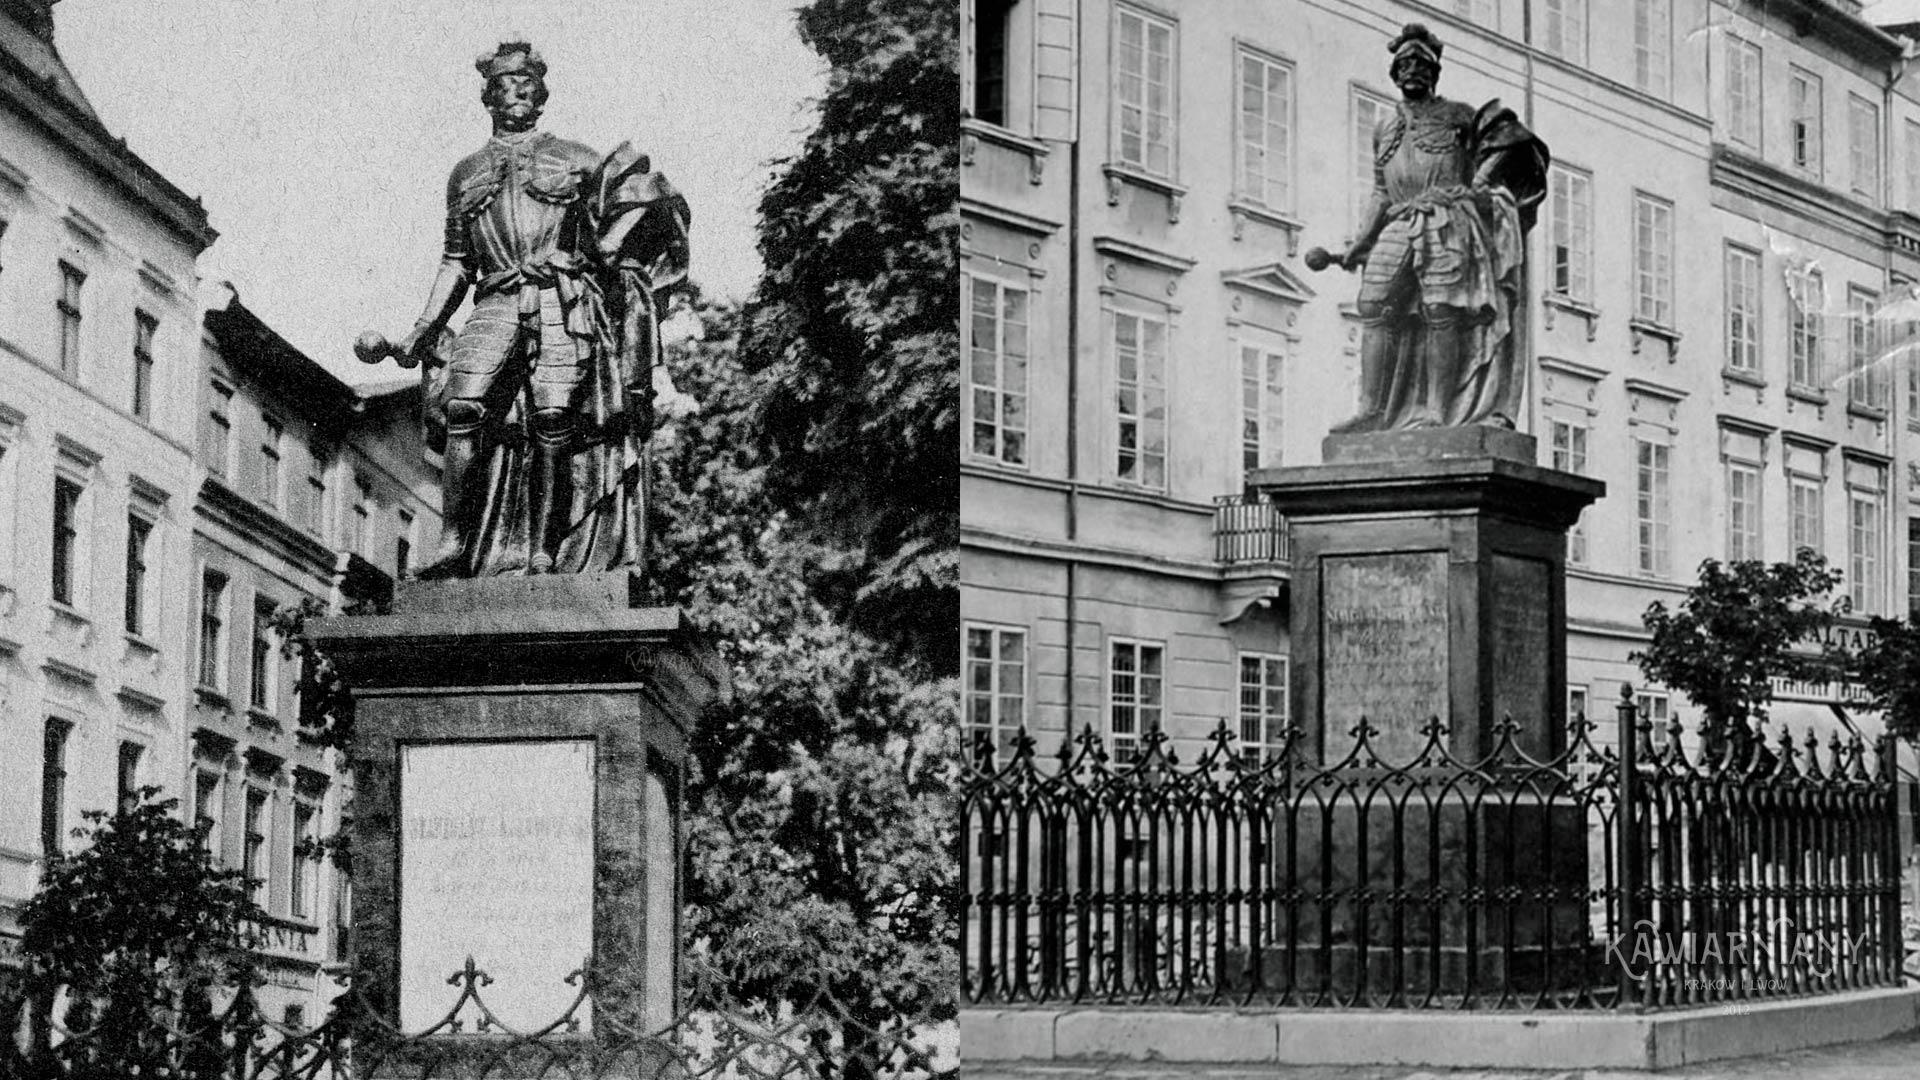 Pomnik Stanisława Jabłonowskiego, Lwów